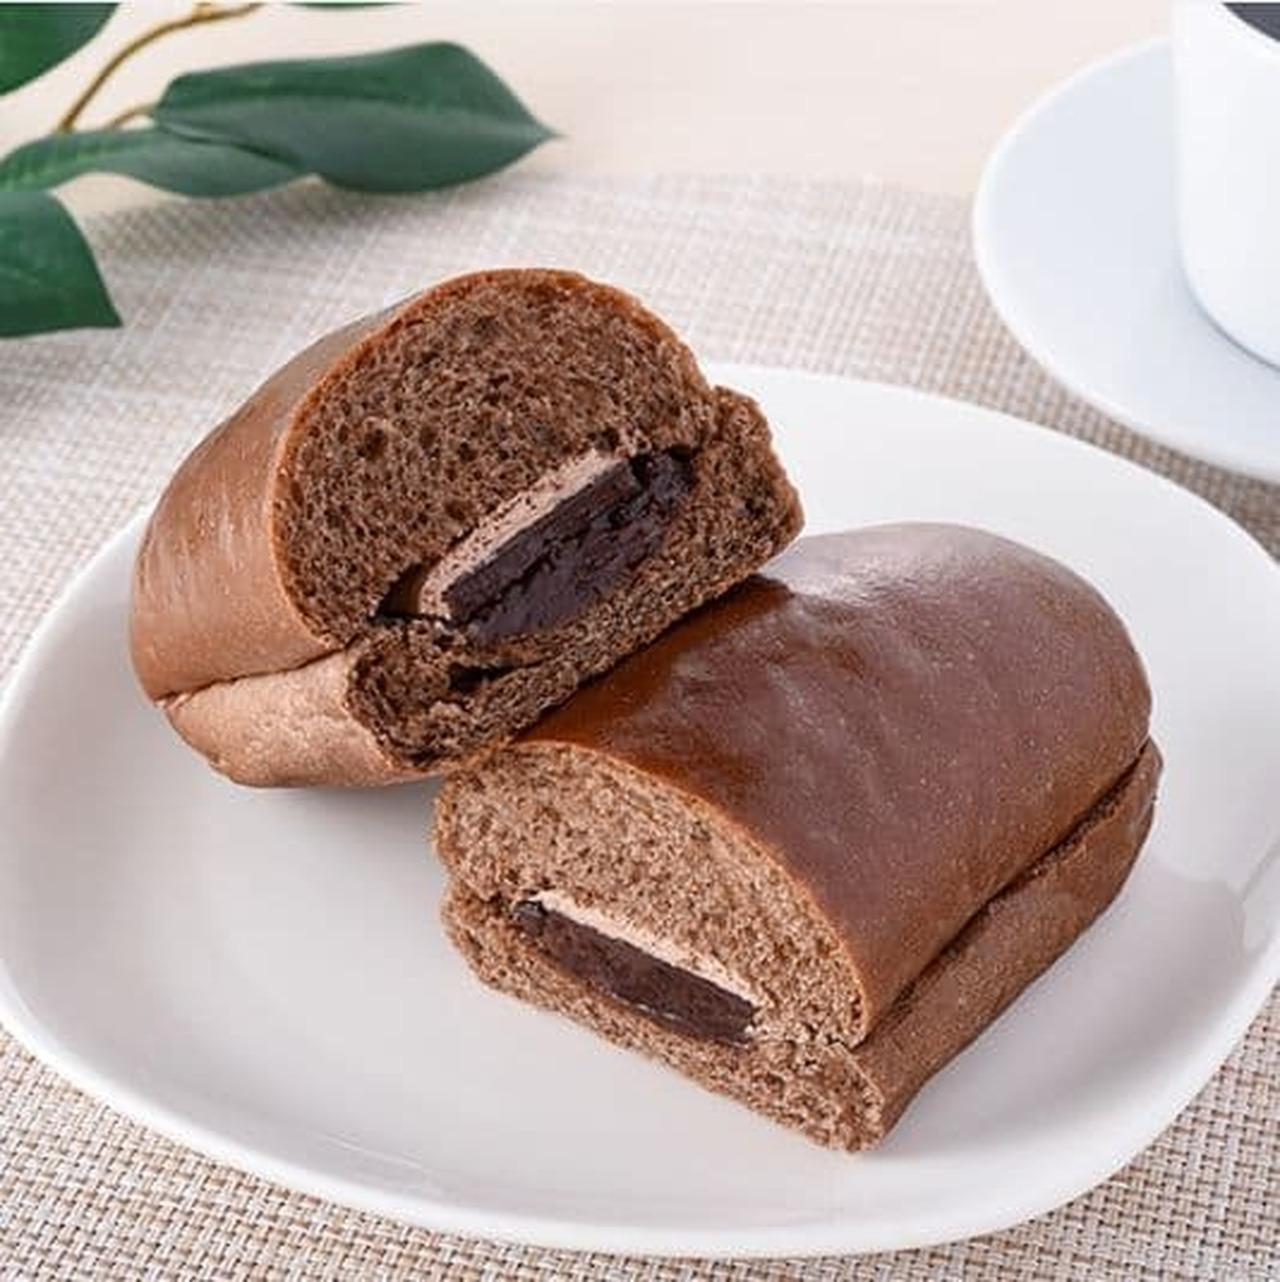 ファミリーマート「チョコづくしコッペパン塩チョコ仕立て」